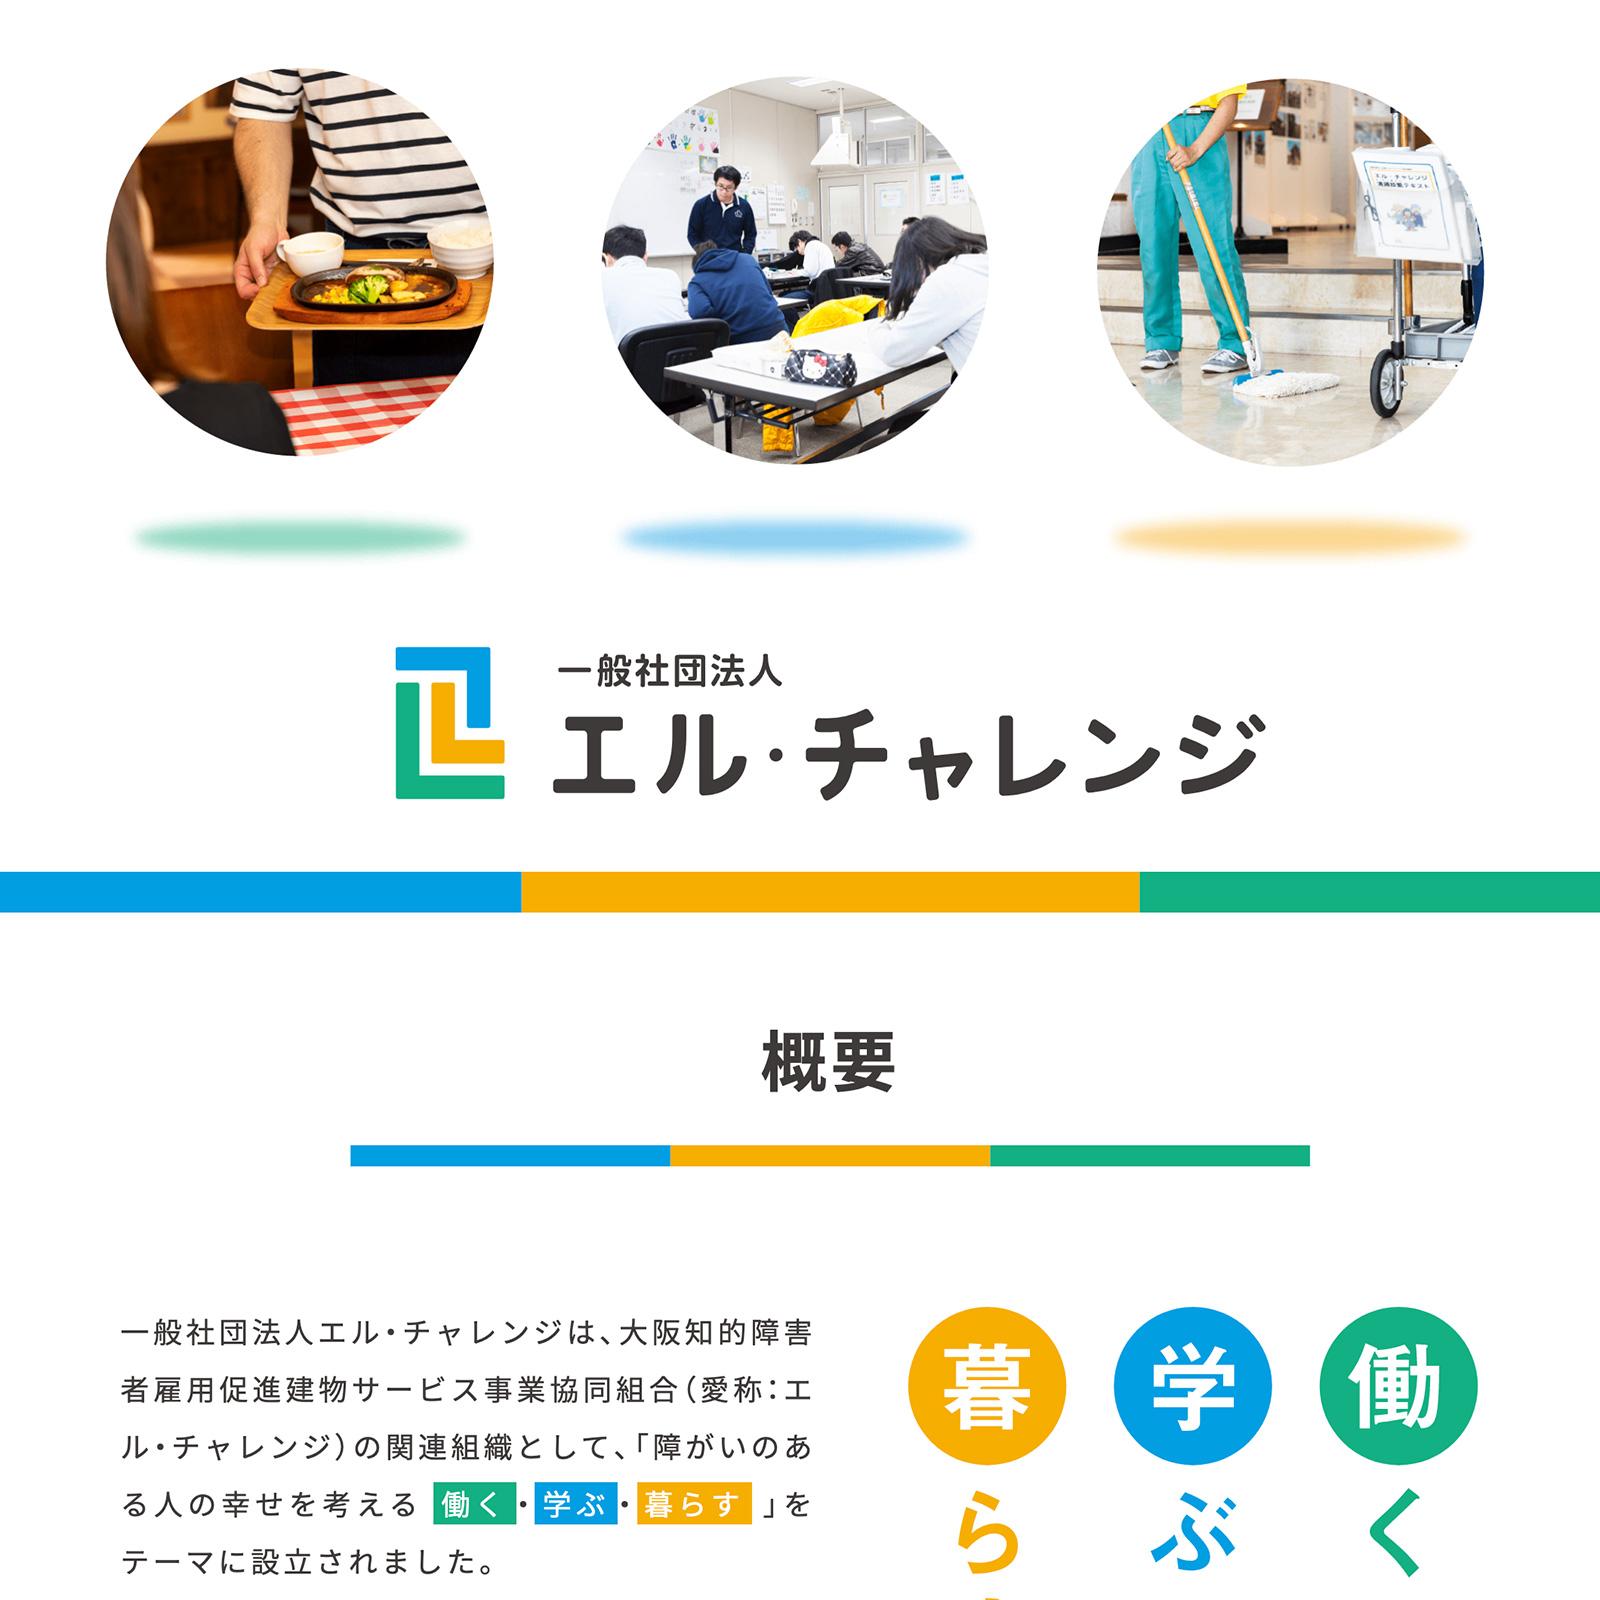 一般社団法人エル・チャレンジ|Webサイト